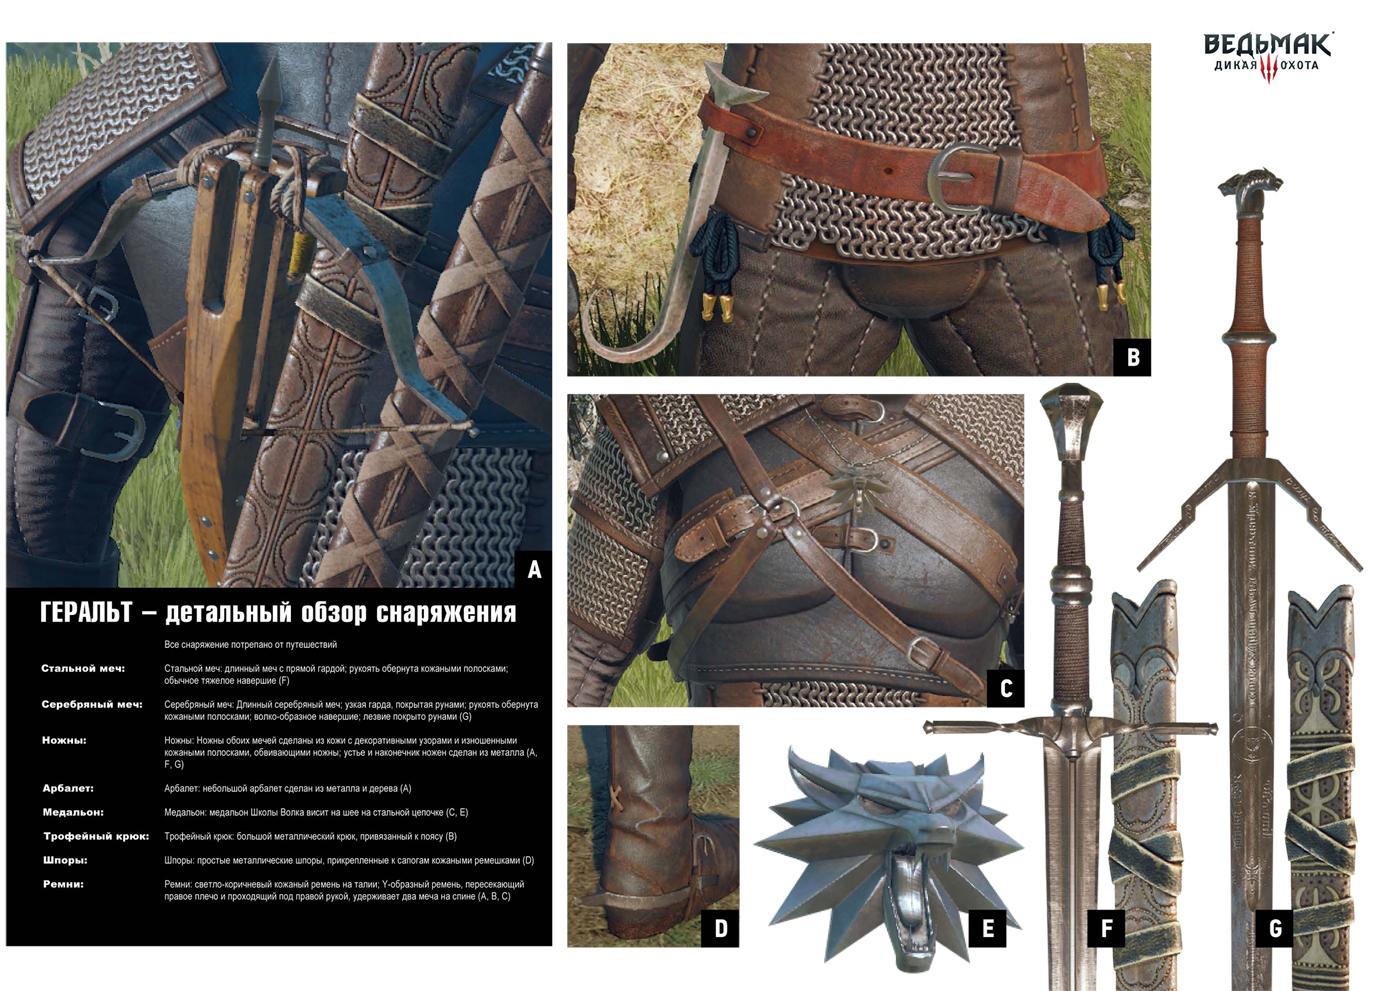 Geralt-rukovodstvo-po-kospleyu-5.jpg